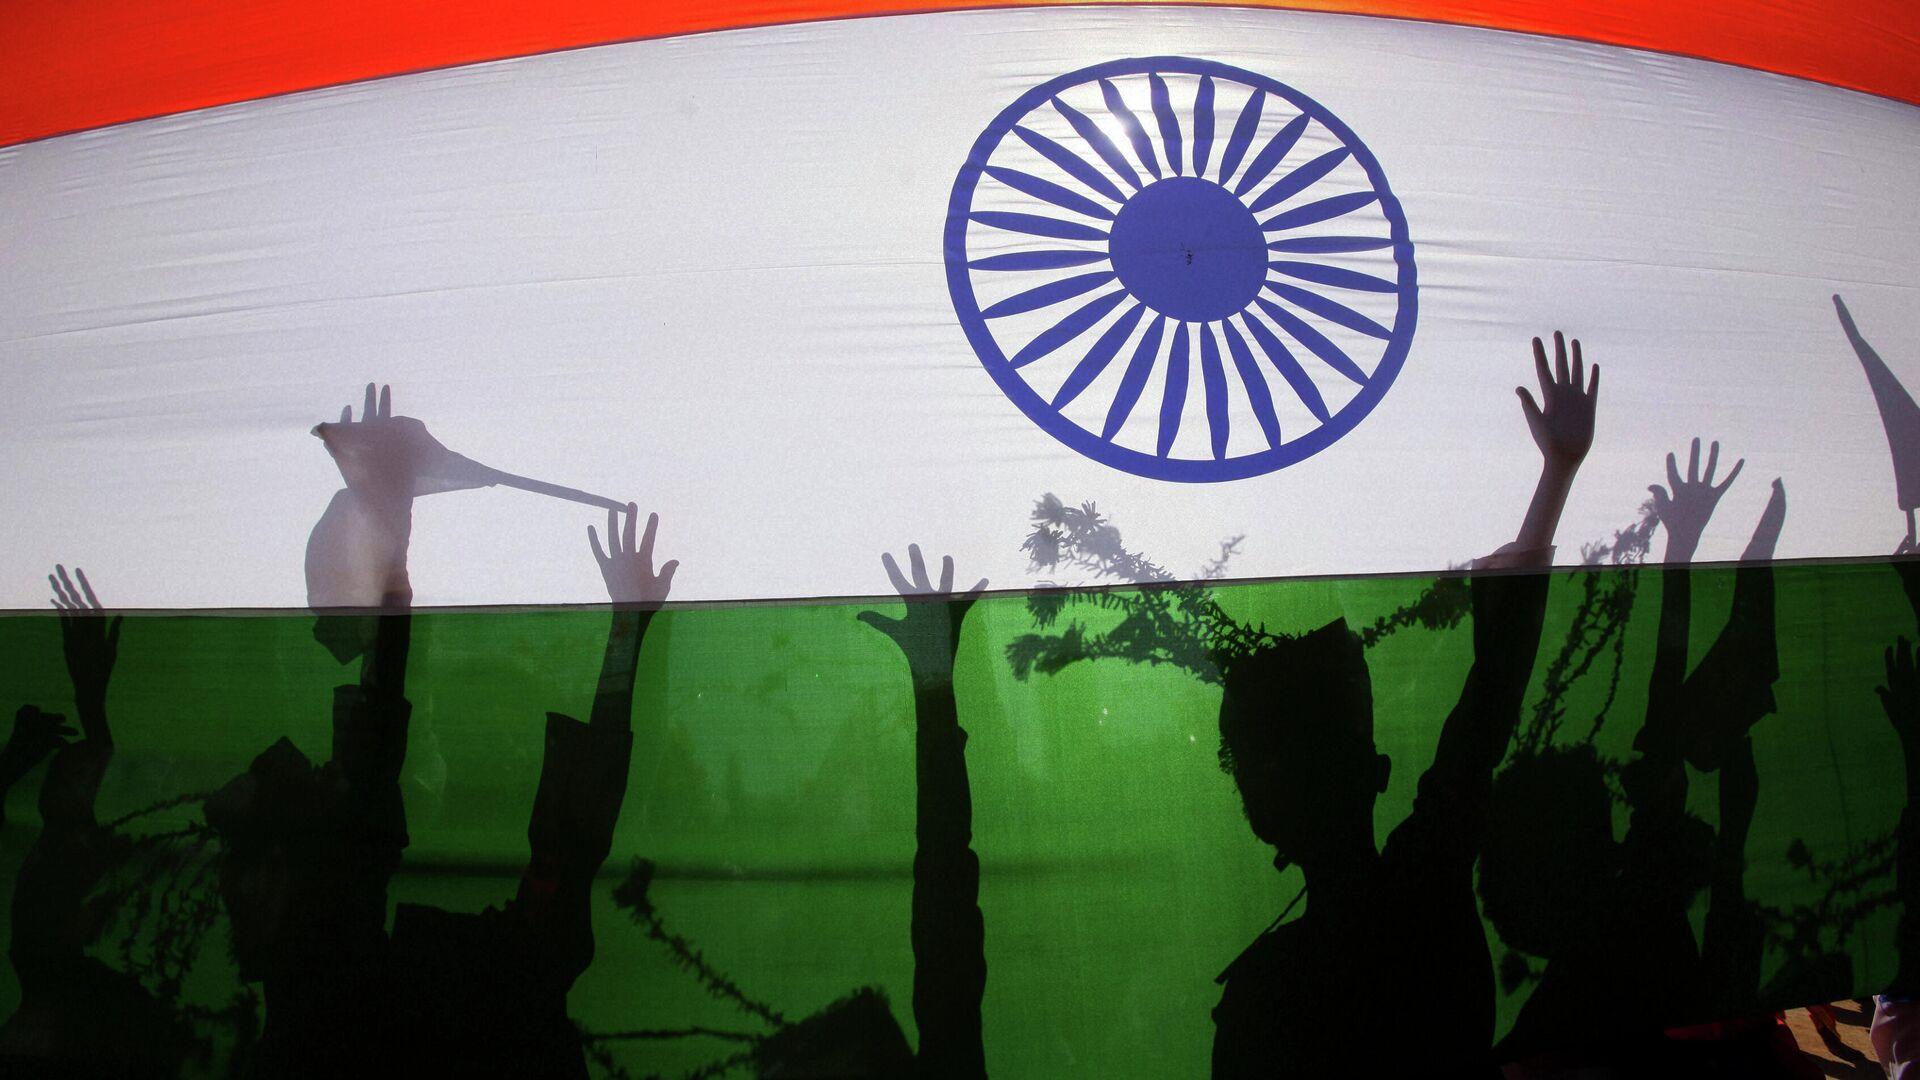 Силуэты людей на фоне национального флага Индии - Sputnik Грузия, 1920, 24.09.2021